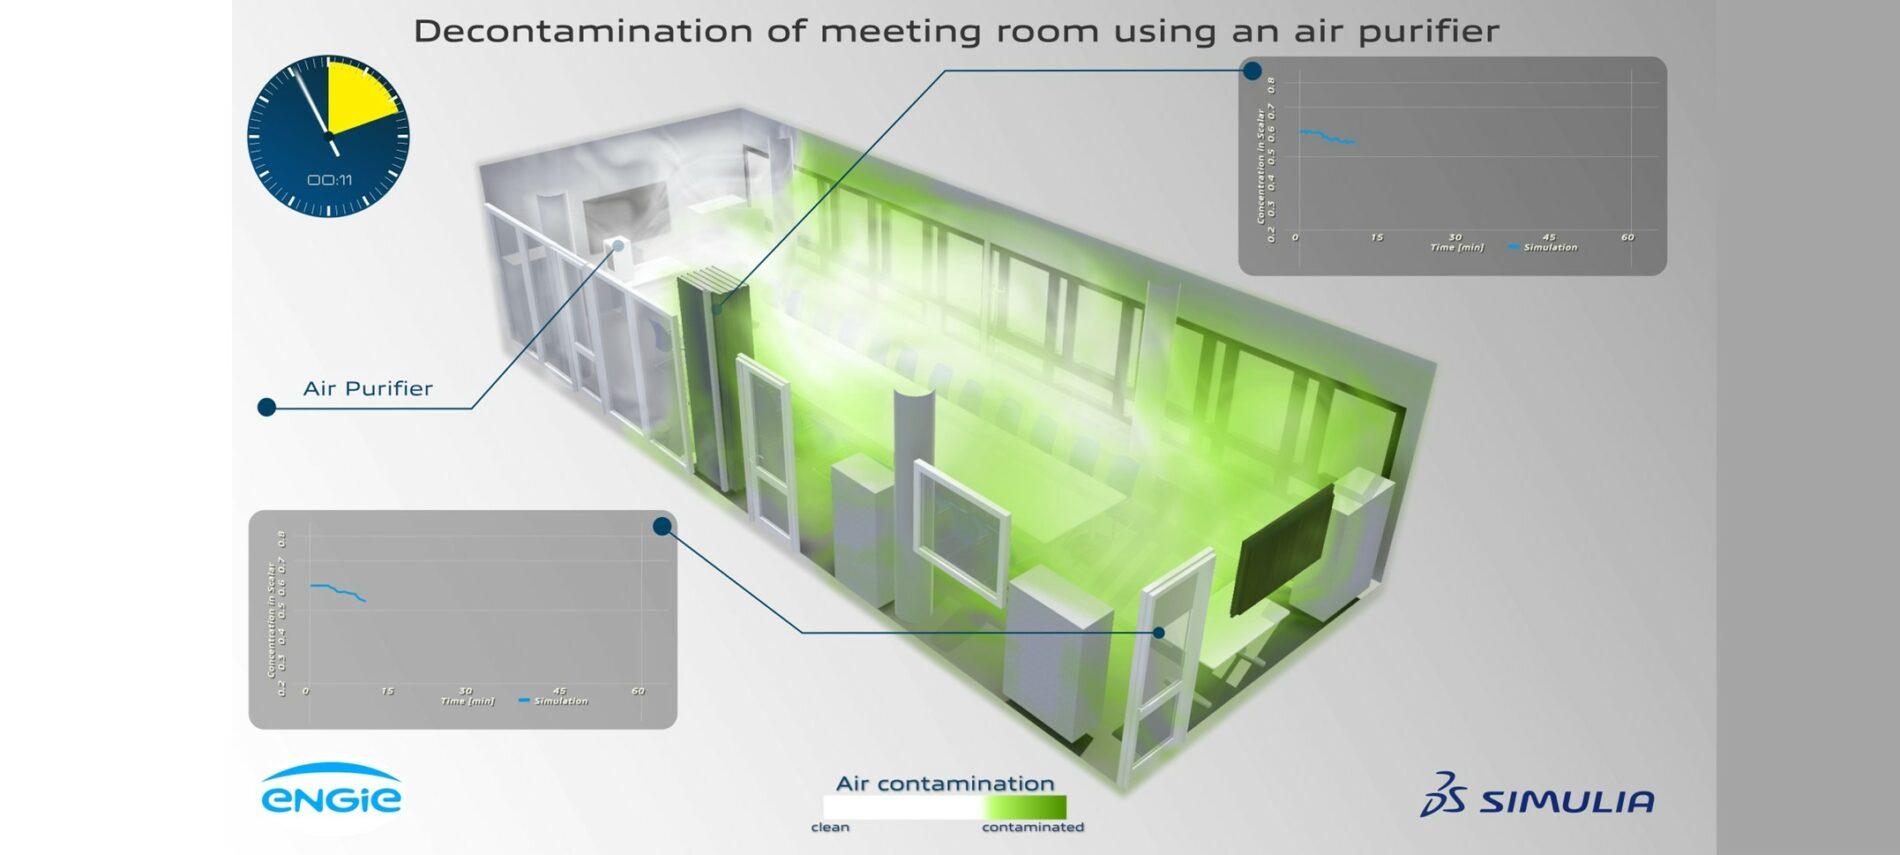 Luftströmungen in einem Besprechungszimmer: Die mit Aerosolen angereicherte Luft wird im Laufe der Zeit gereinigt.